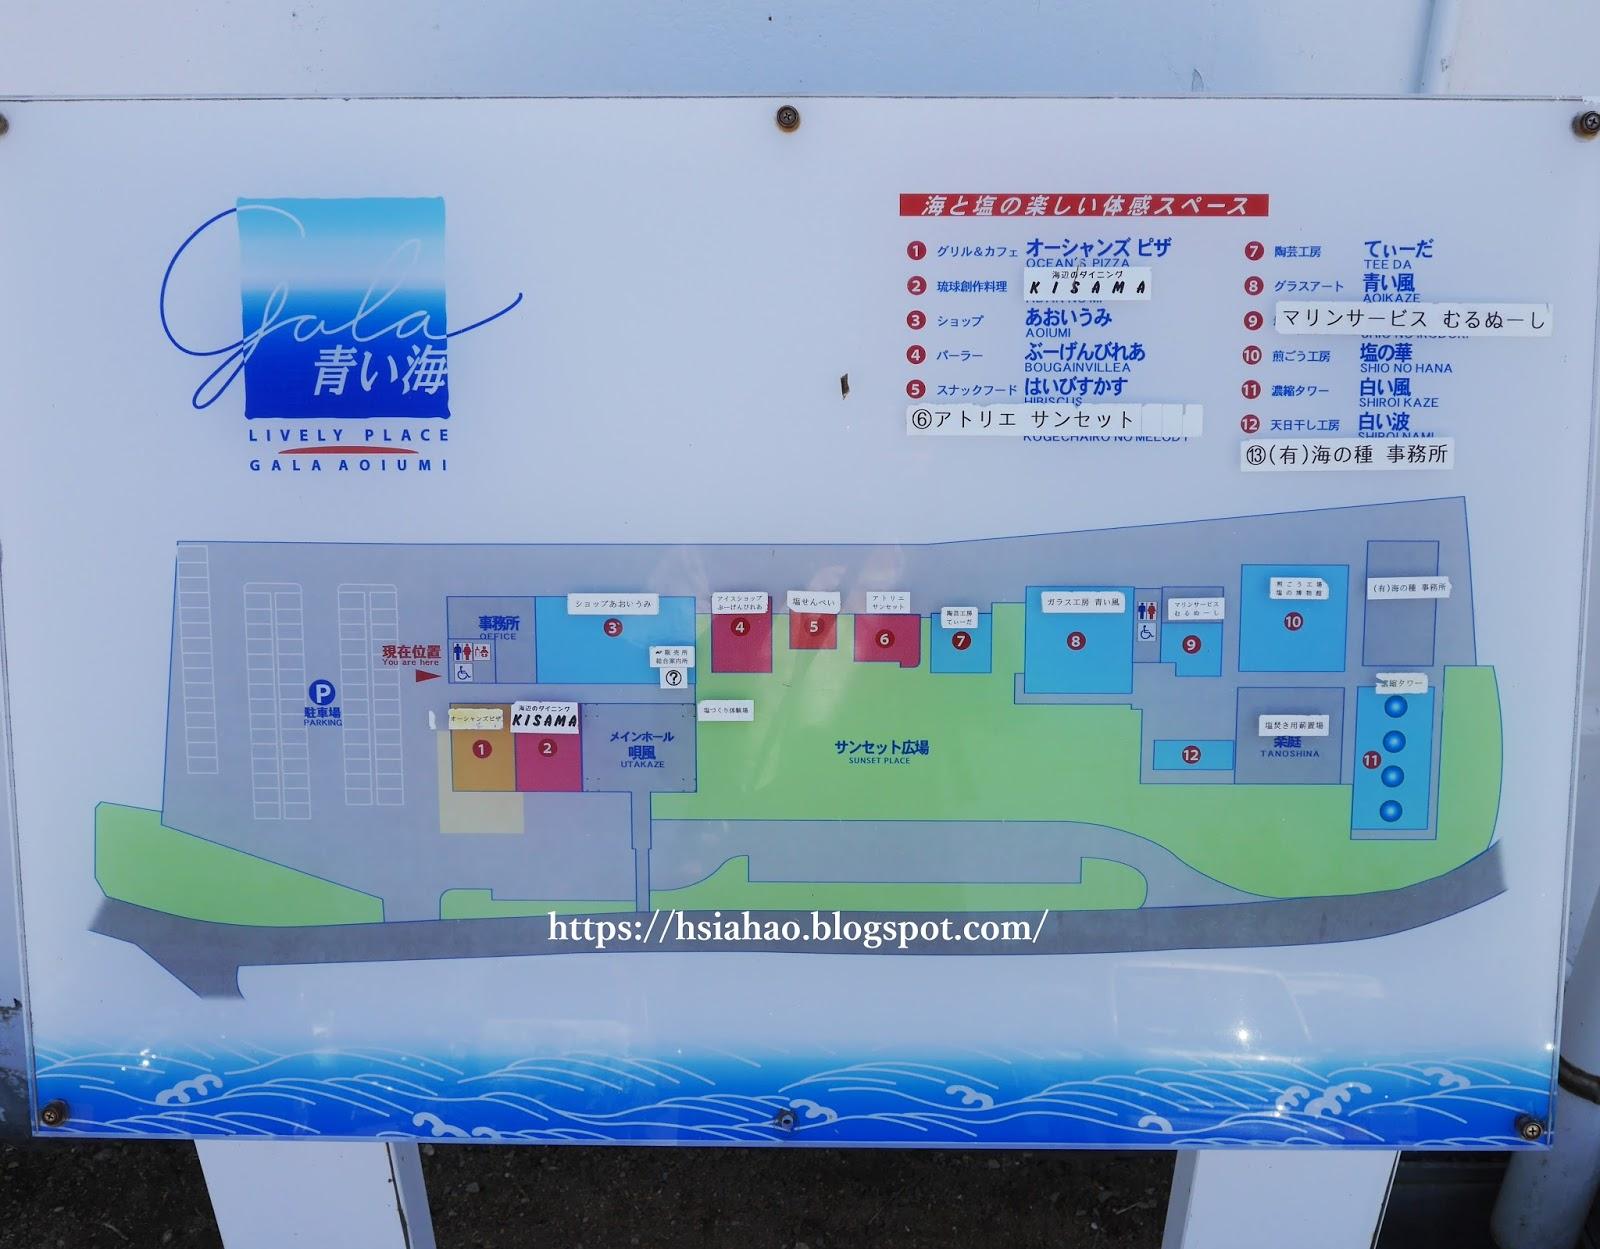 沖繩-景點-推薦-Gala 青海-Gala青い海-地圖-自由行-旅遊-Okinawa-map